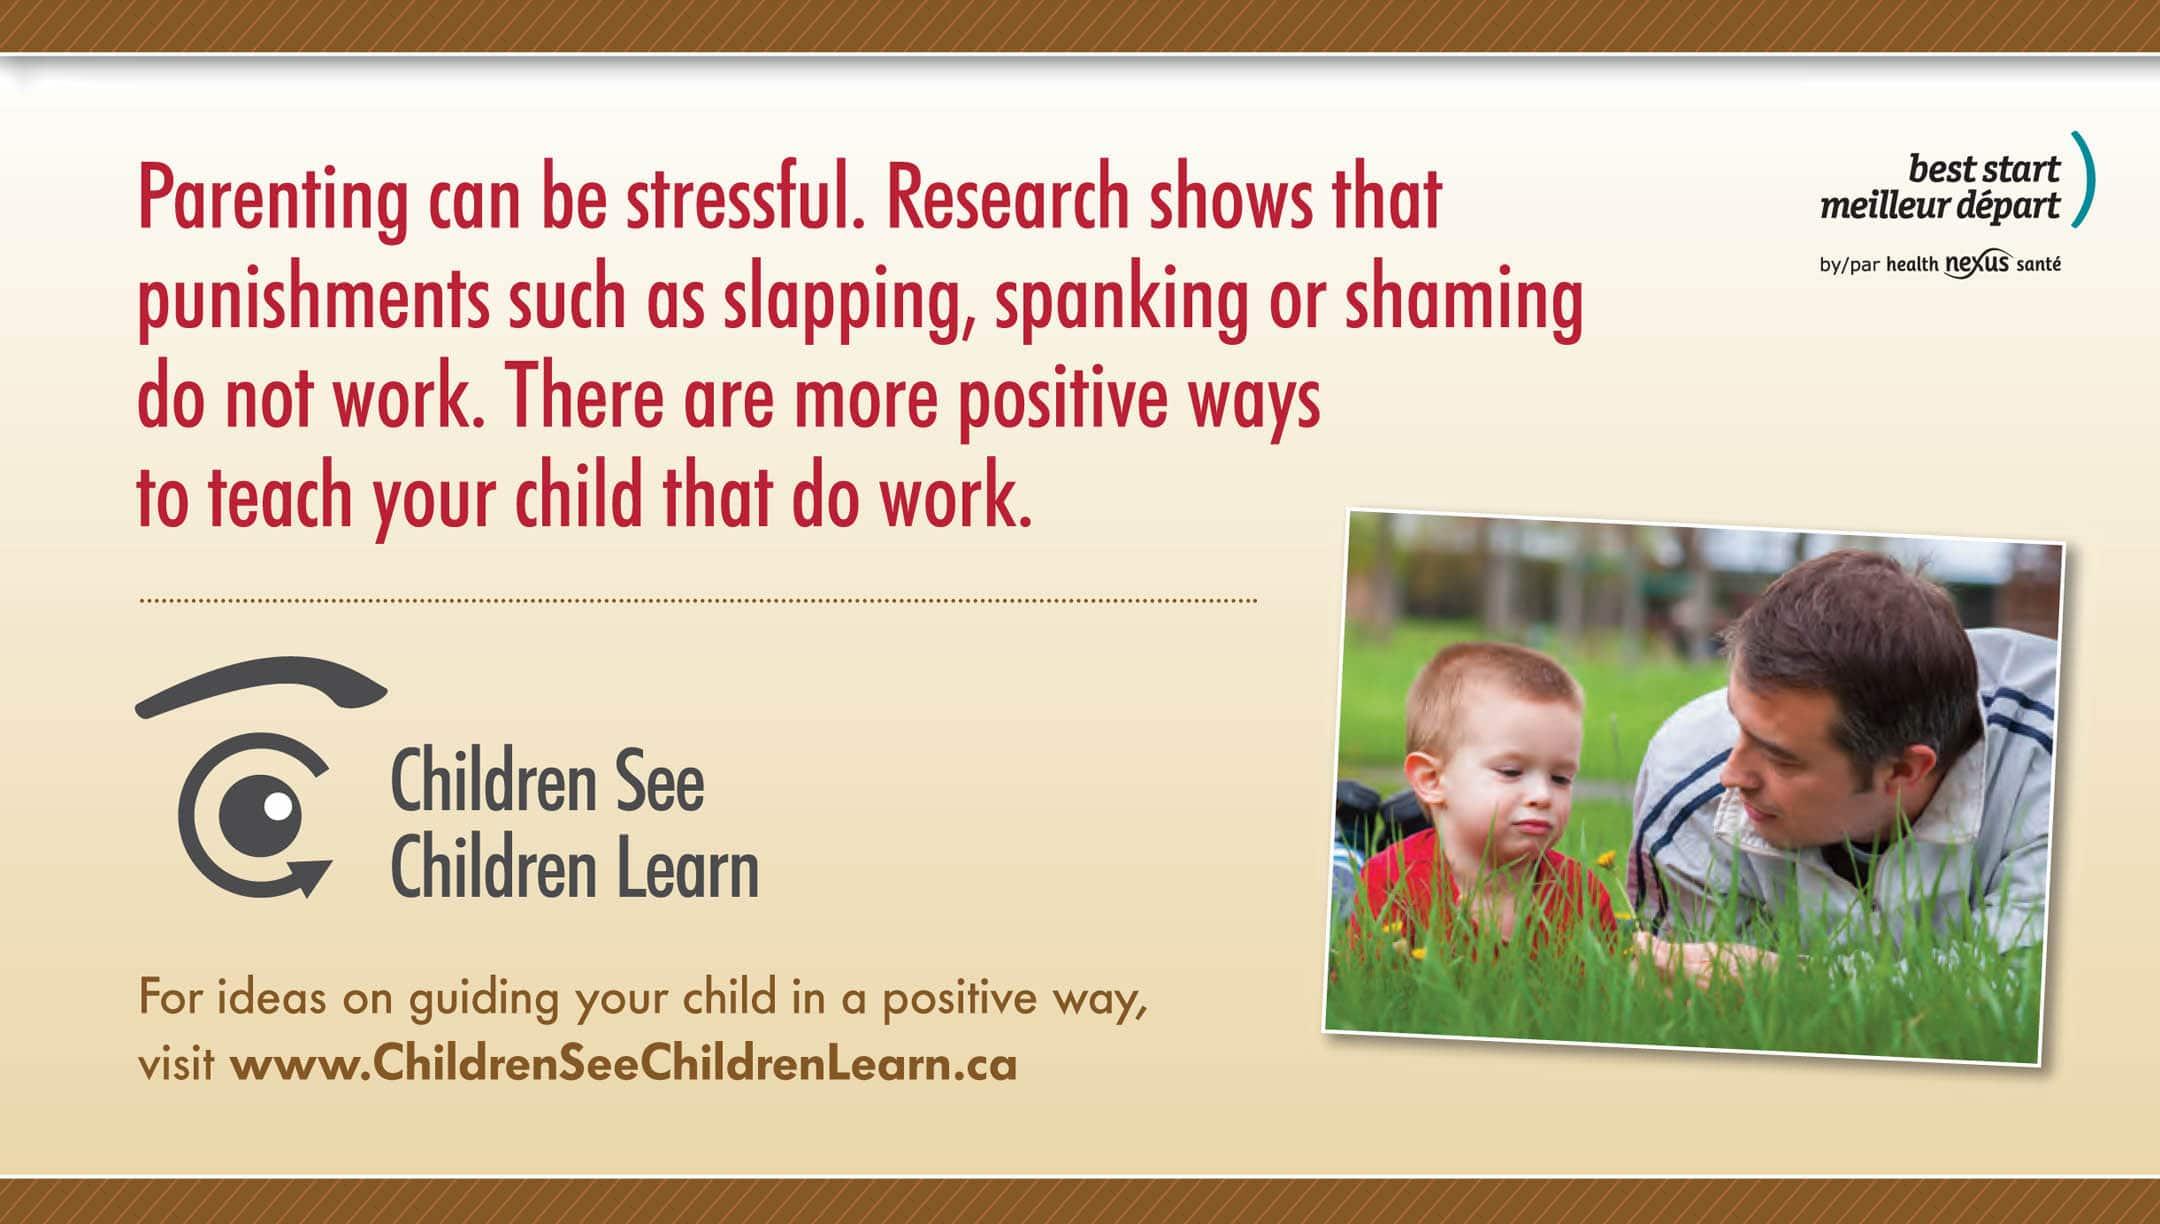 Children See Children Learn infographic